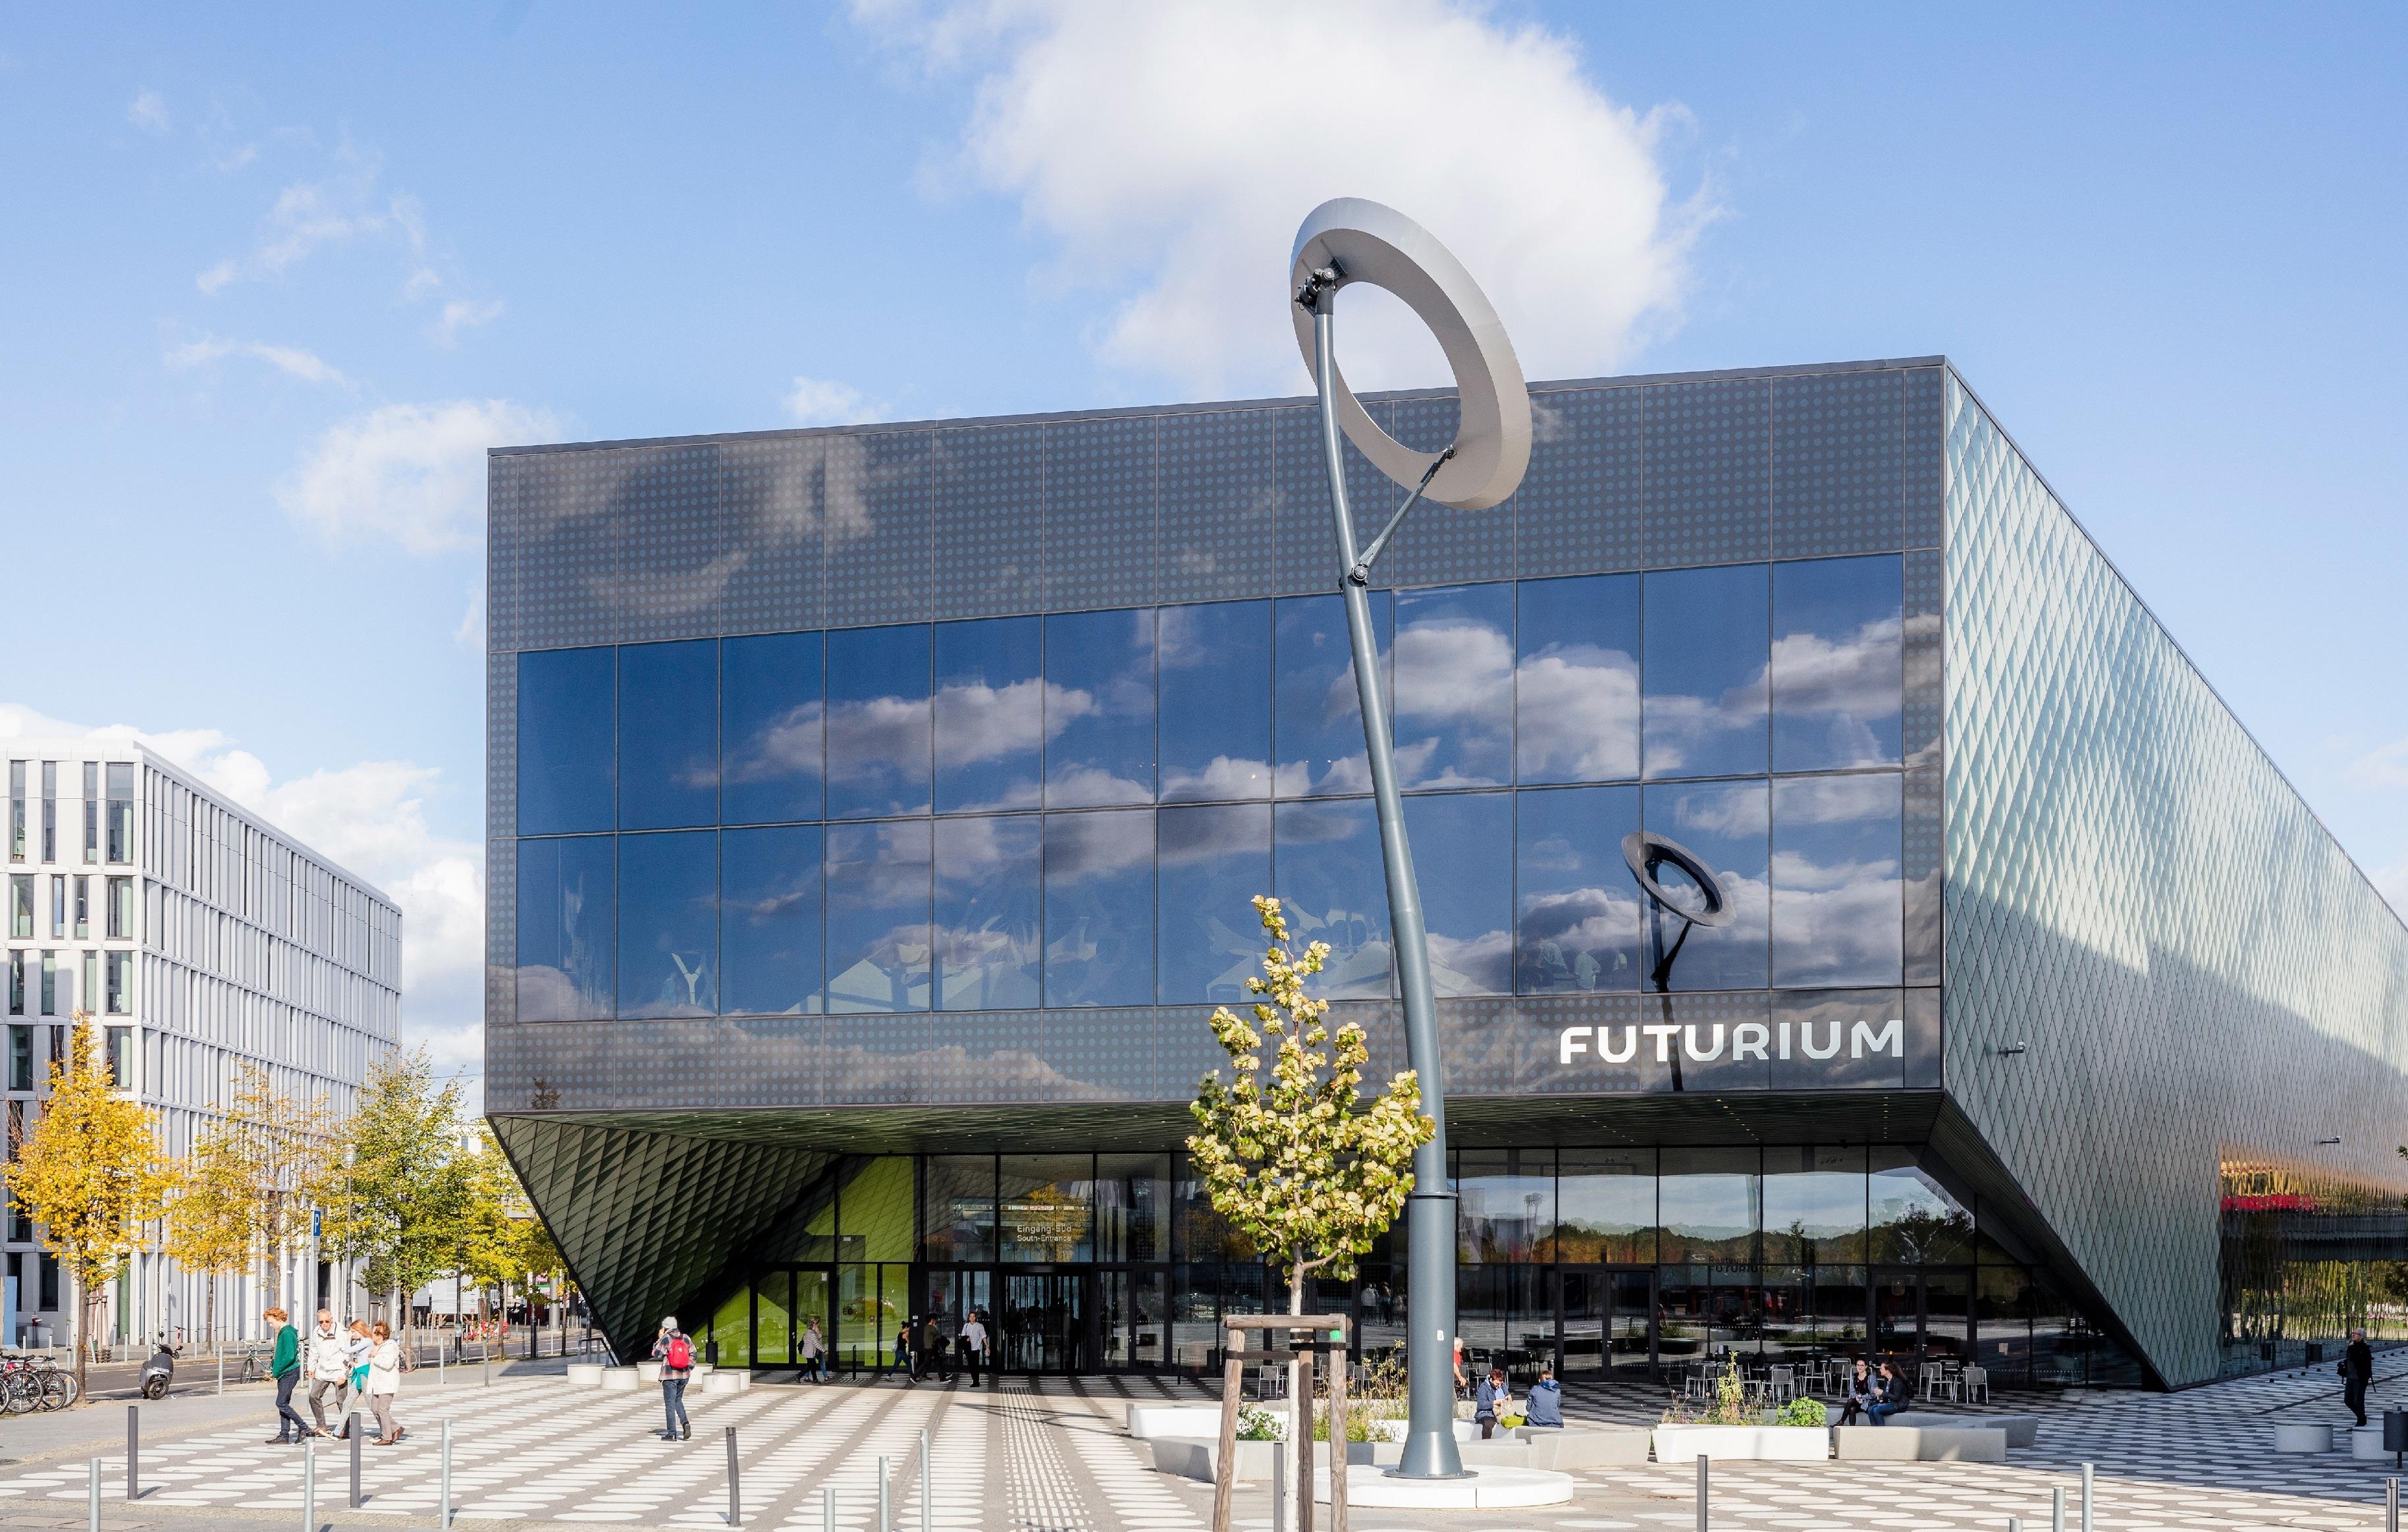 Gebäude mit Glasfassade und Aufschrift Futurium